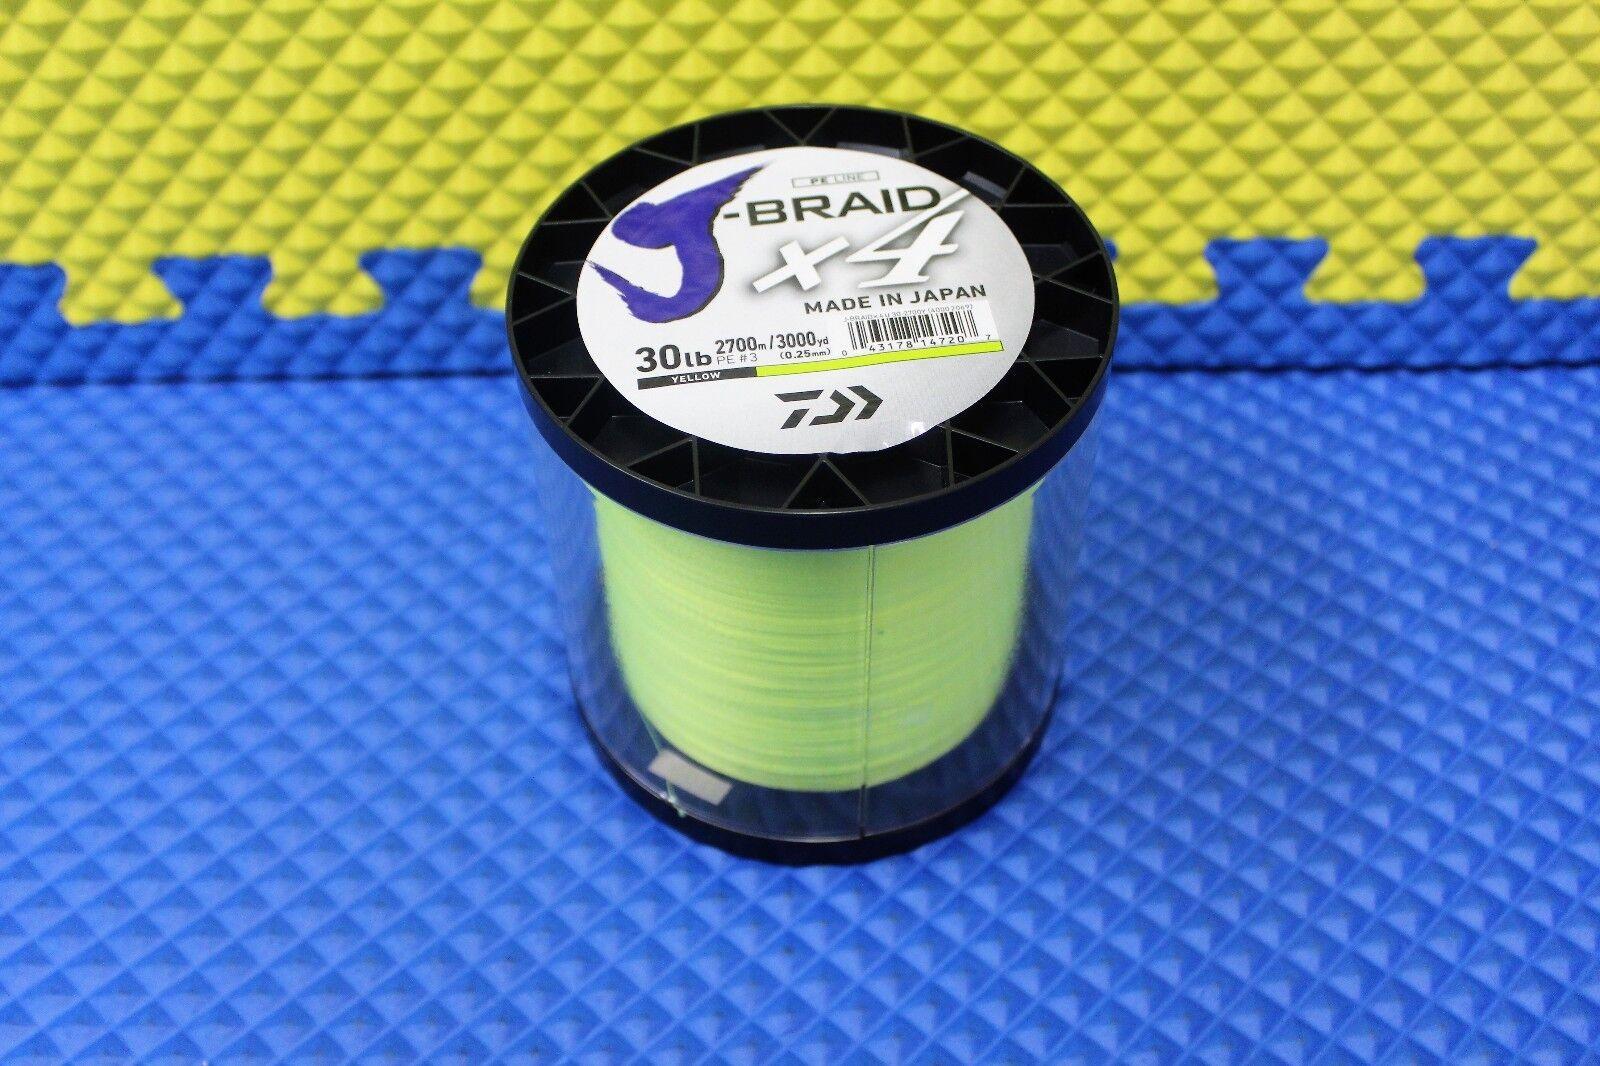 Daiwa JBraid X4U 302700Y Fluorescent giallo 30lb 3000yd 40002069